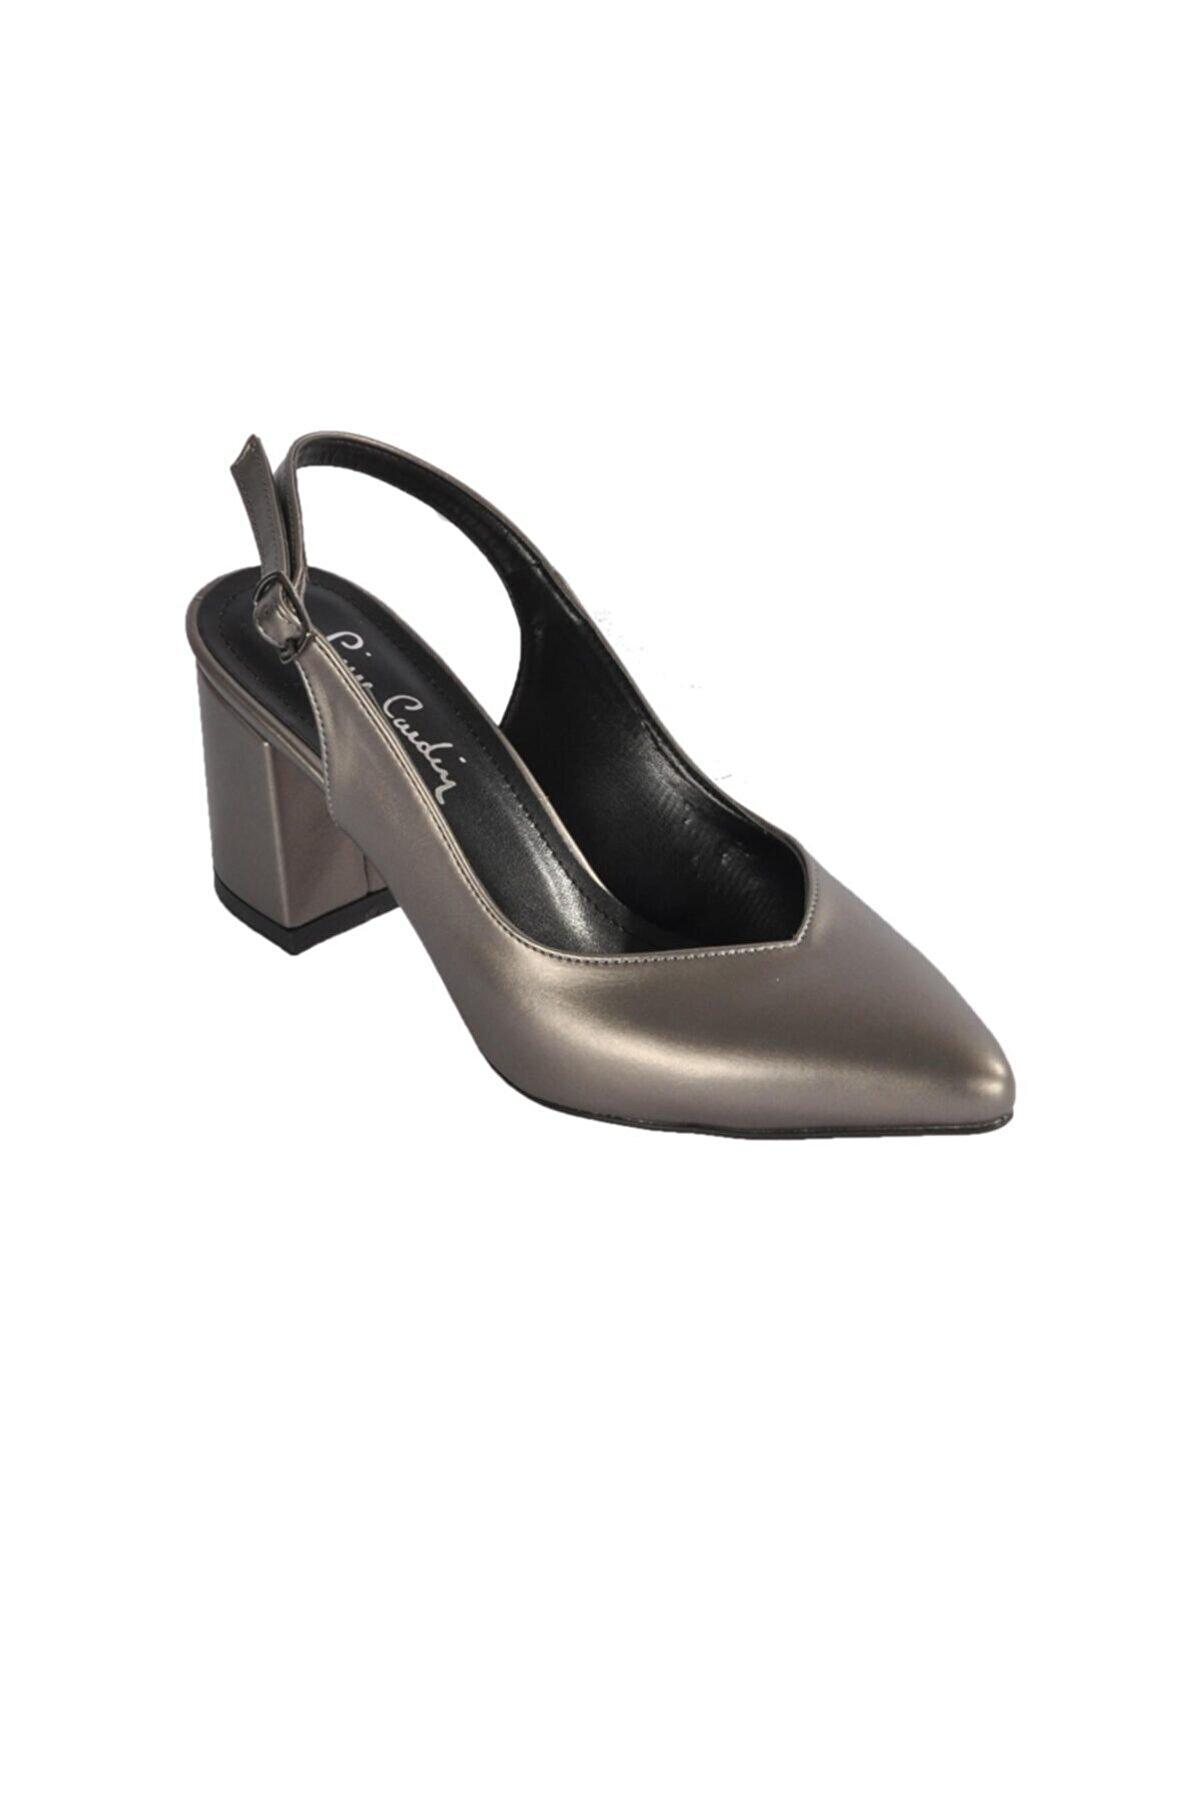 Pierre Cardin Kadın Platin  Topuklu Ayakkabı Pc-50173